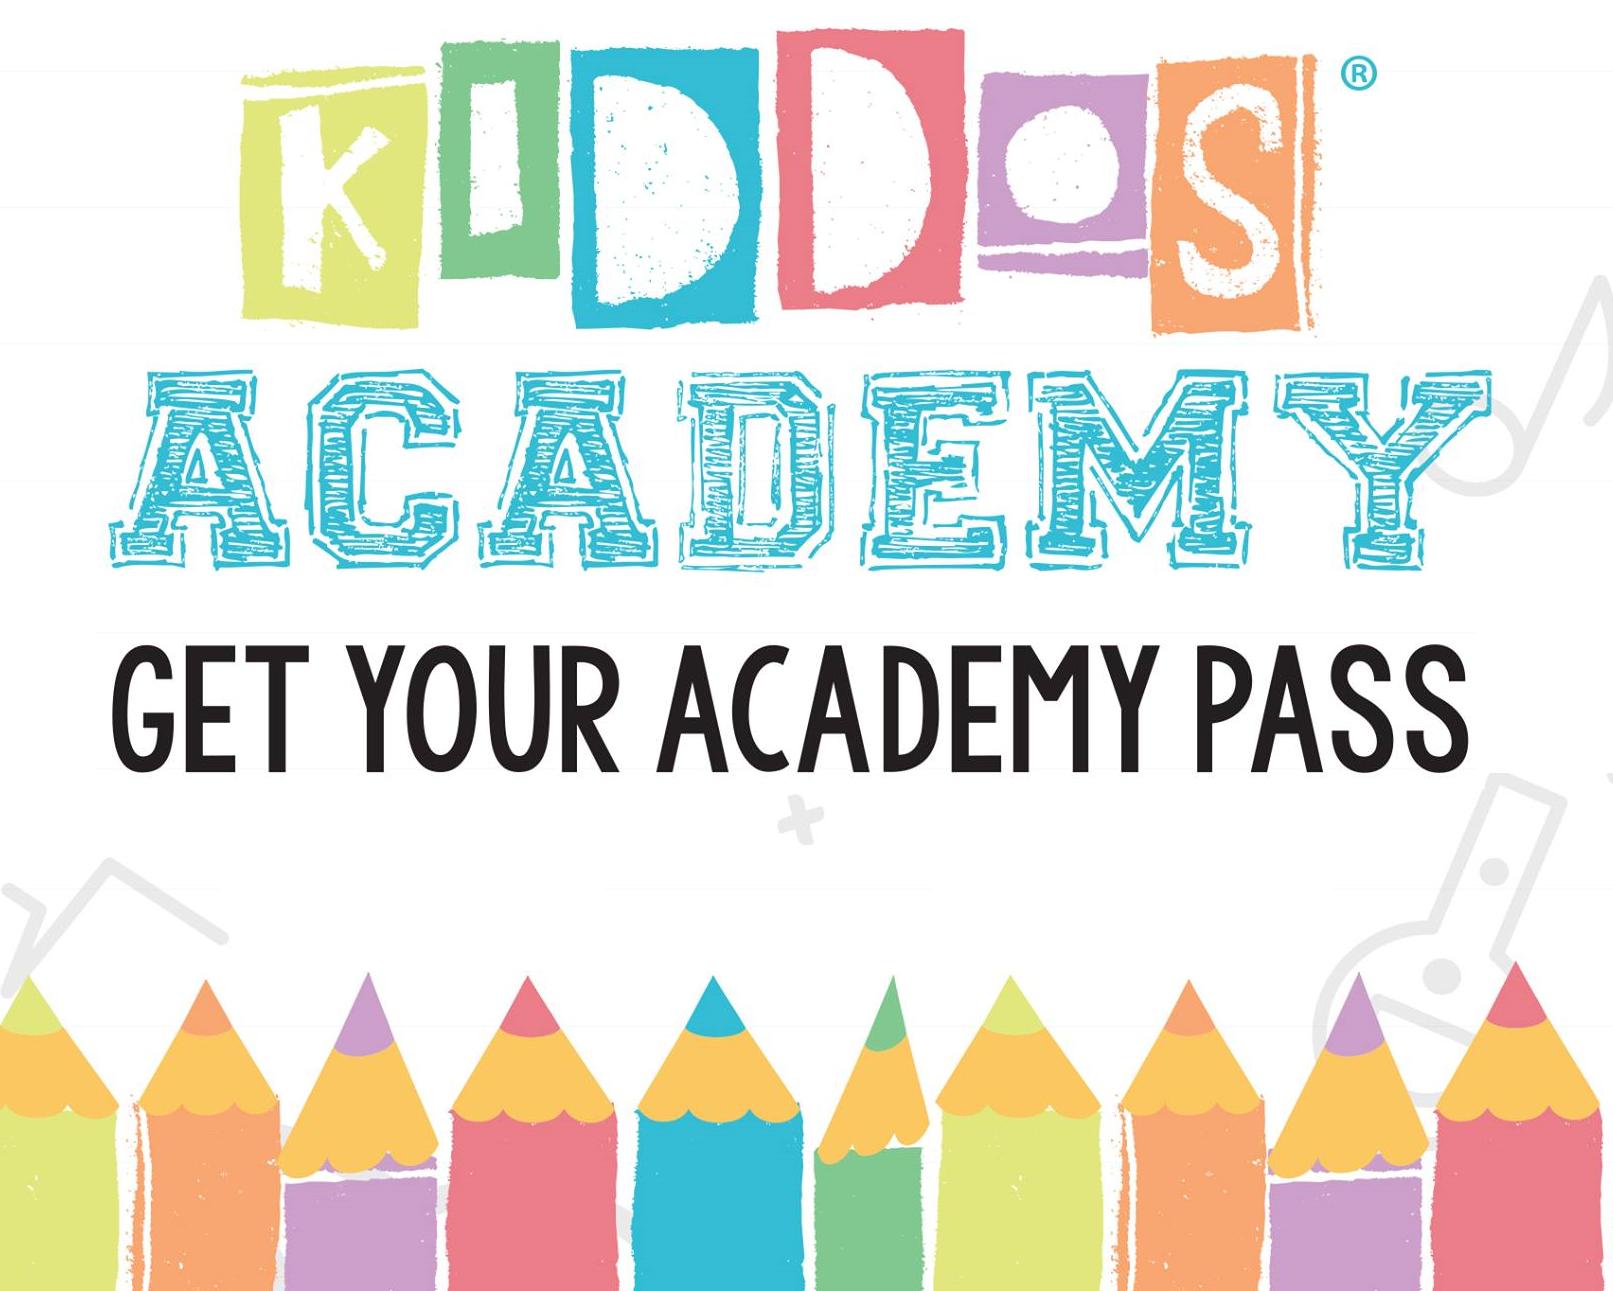 academy pass.jpg